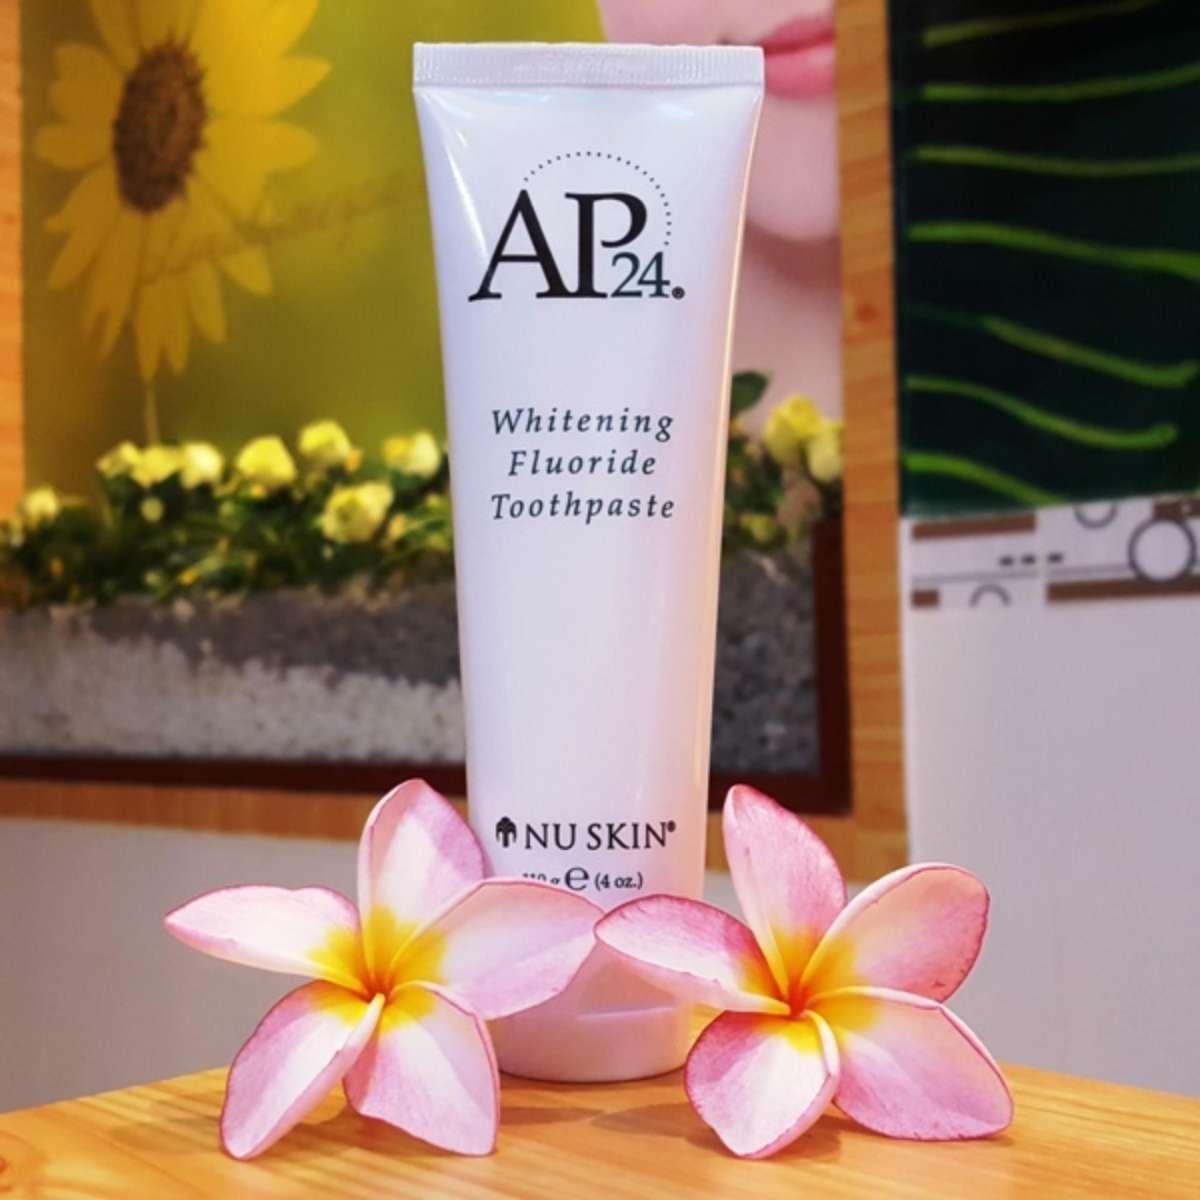 Kem đánh răng trắng sáng AP24 NuSkin whiteing flouride toothpaste CAM KẾT CHÍNH HÃNG chính hãng